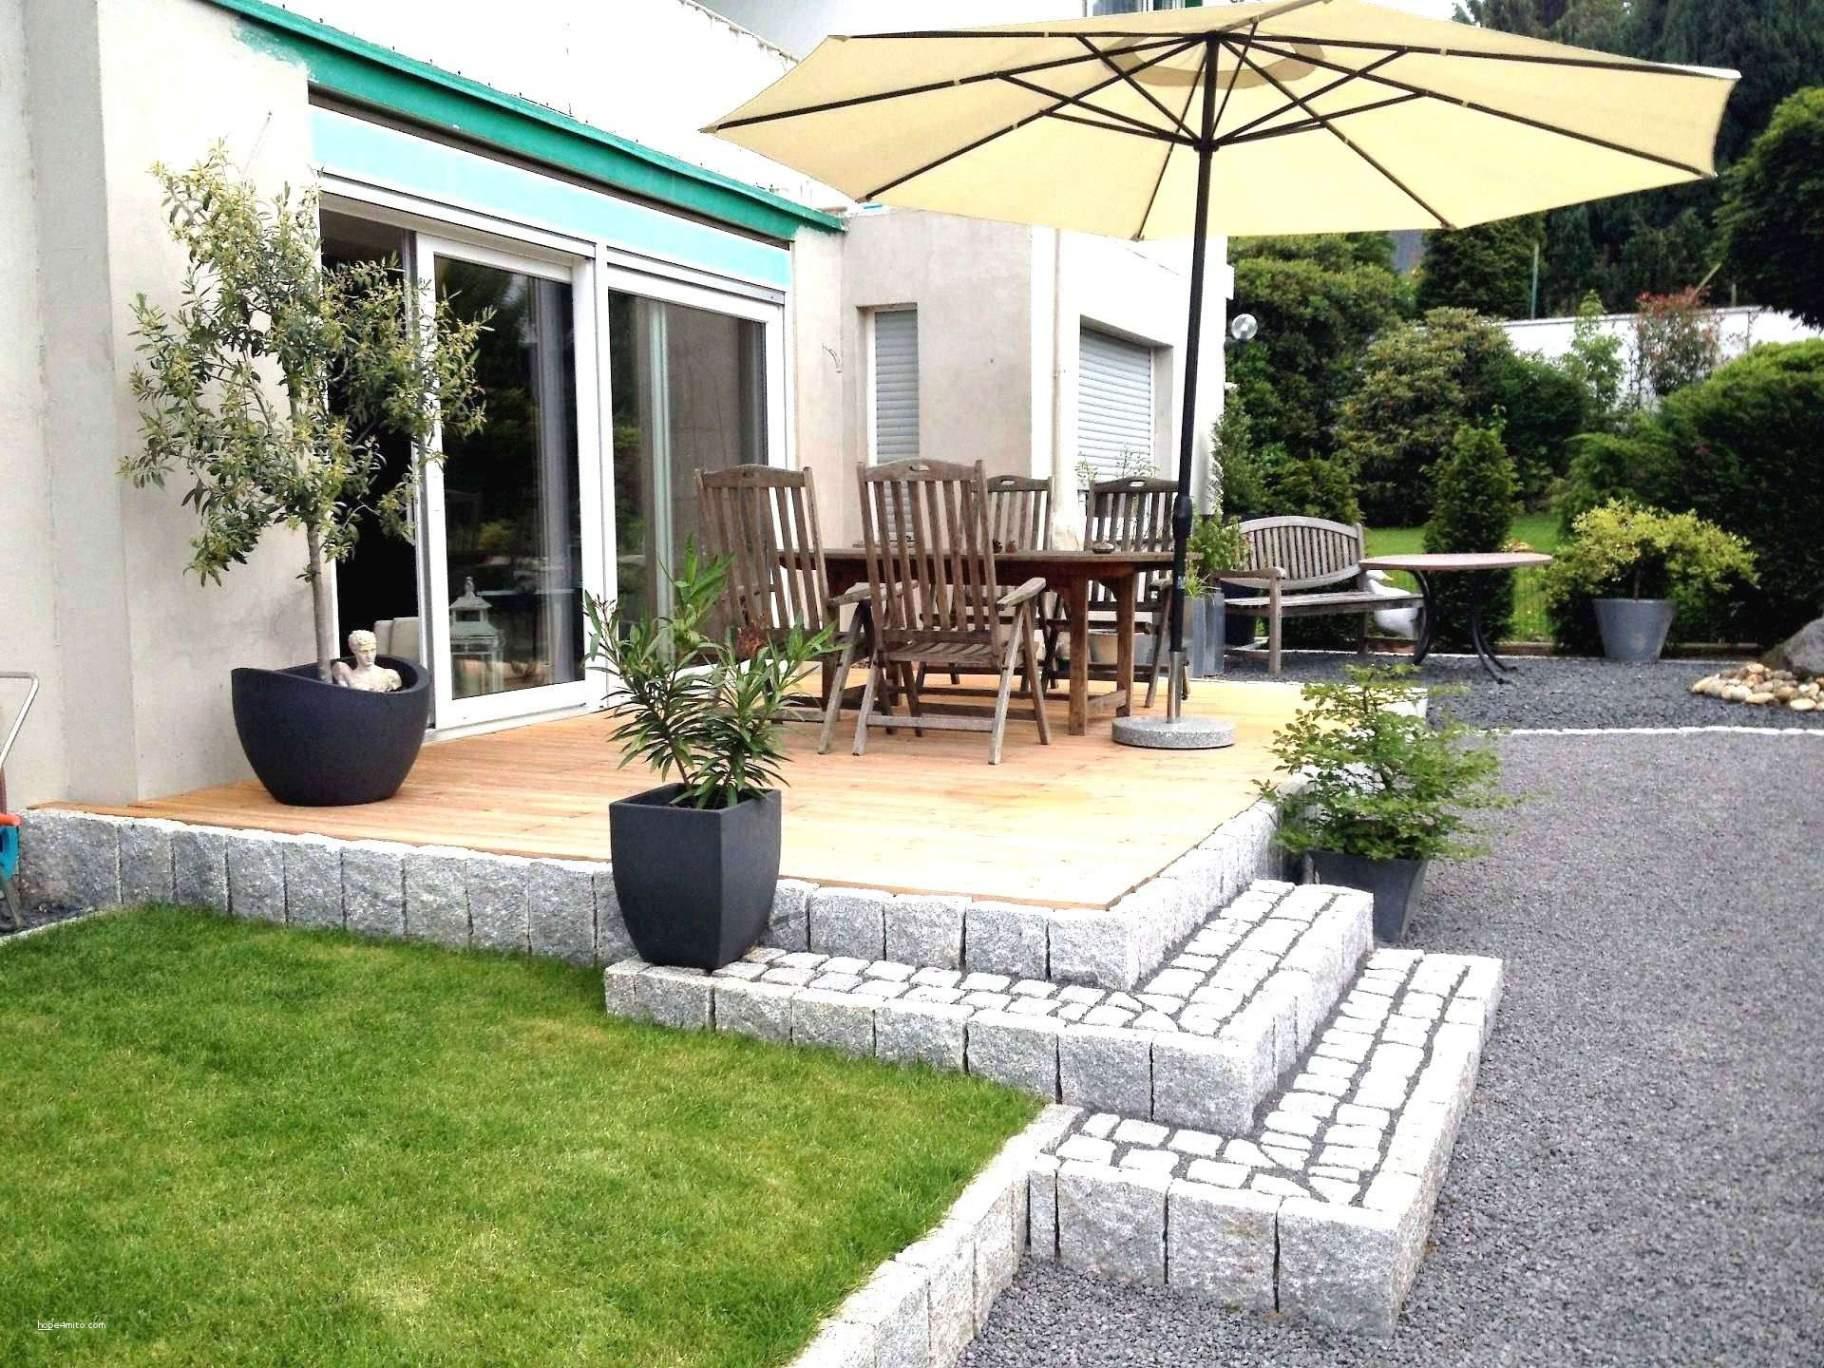 Terrasse Gestalten Ideen Inspirierend 32 Einzigartig Garten Terrassen Ideen Das Beste Von